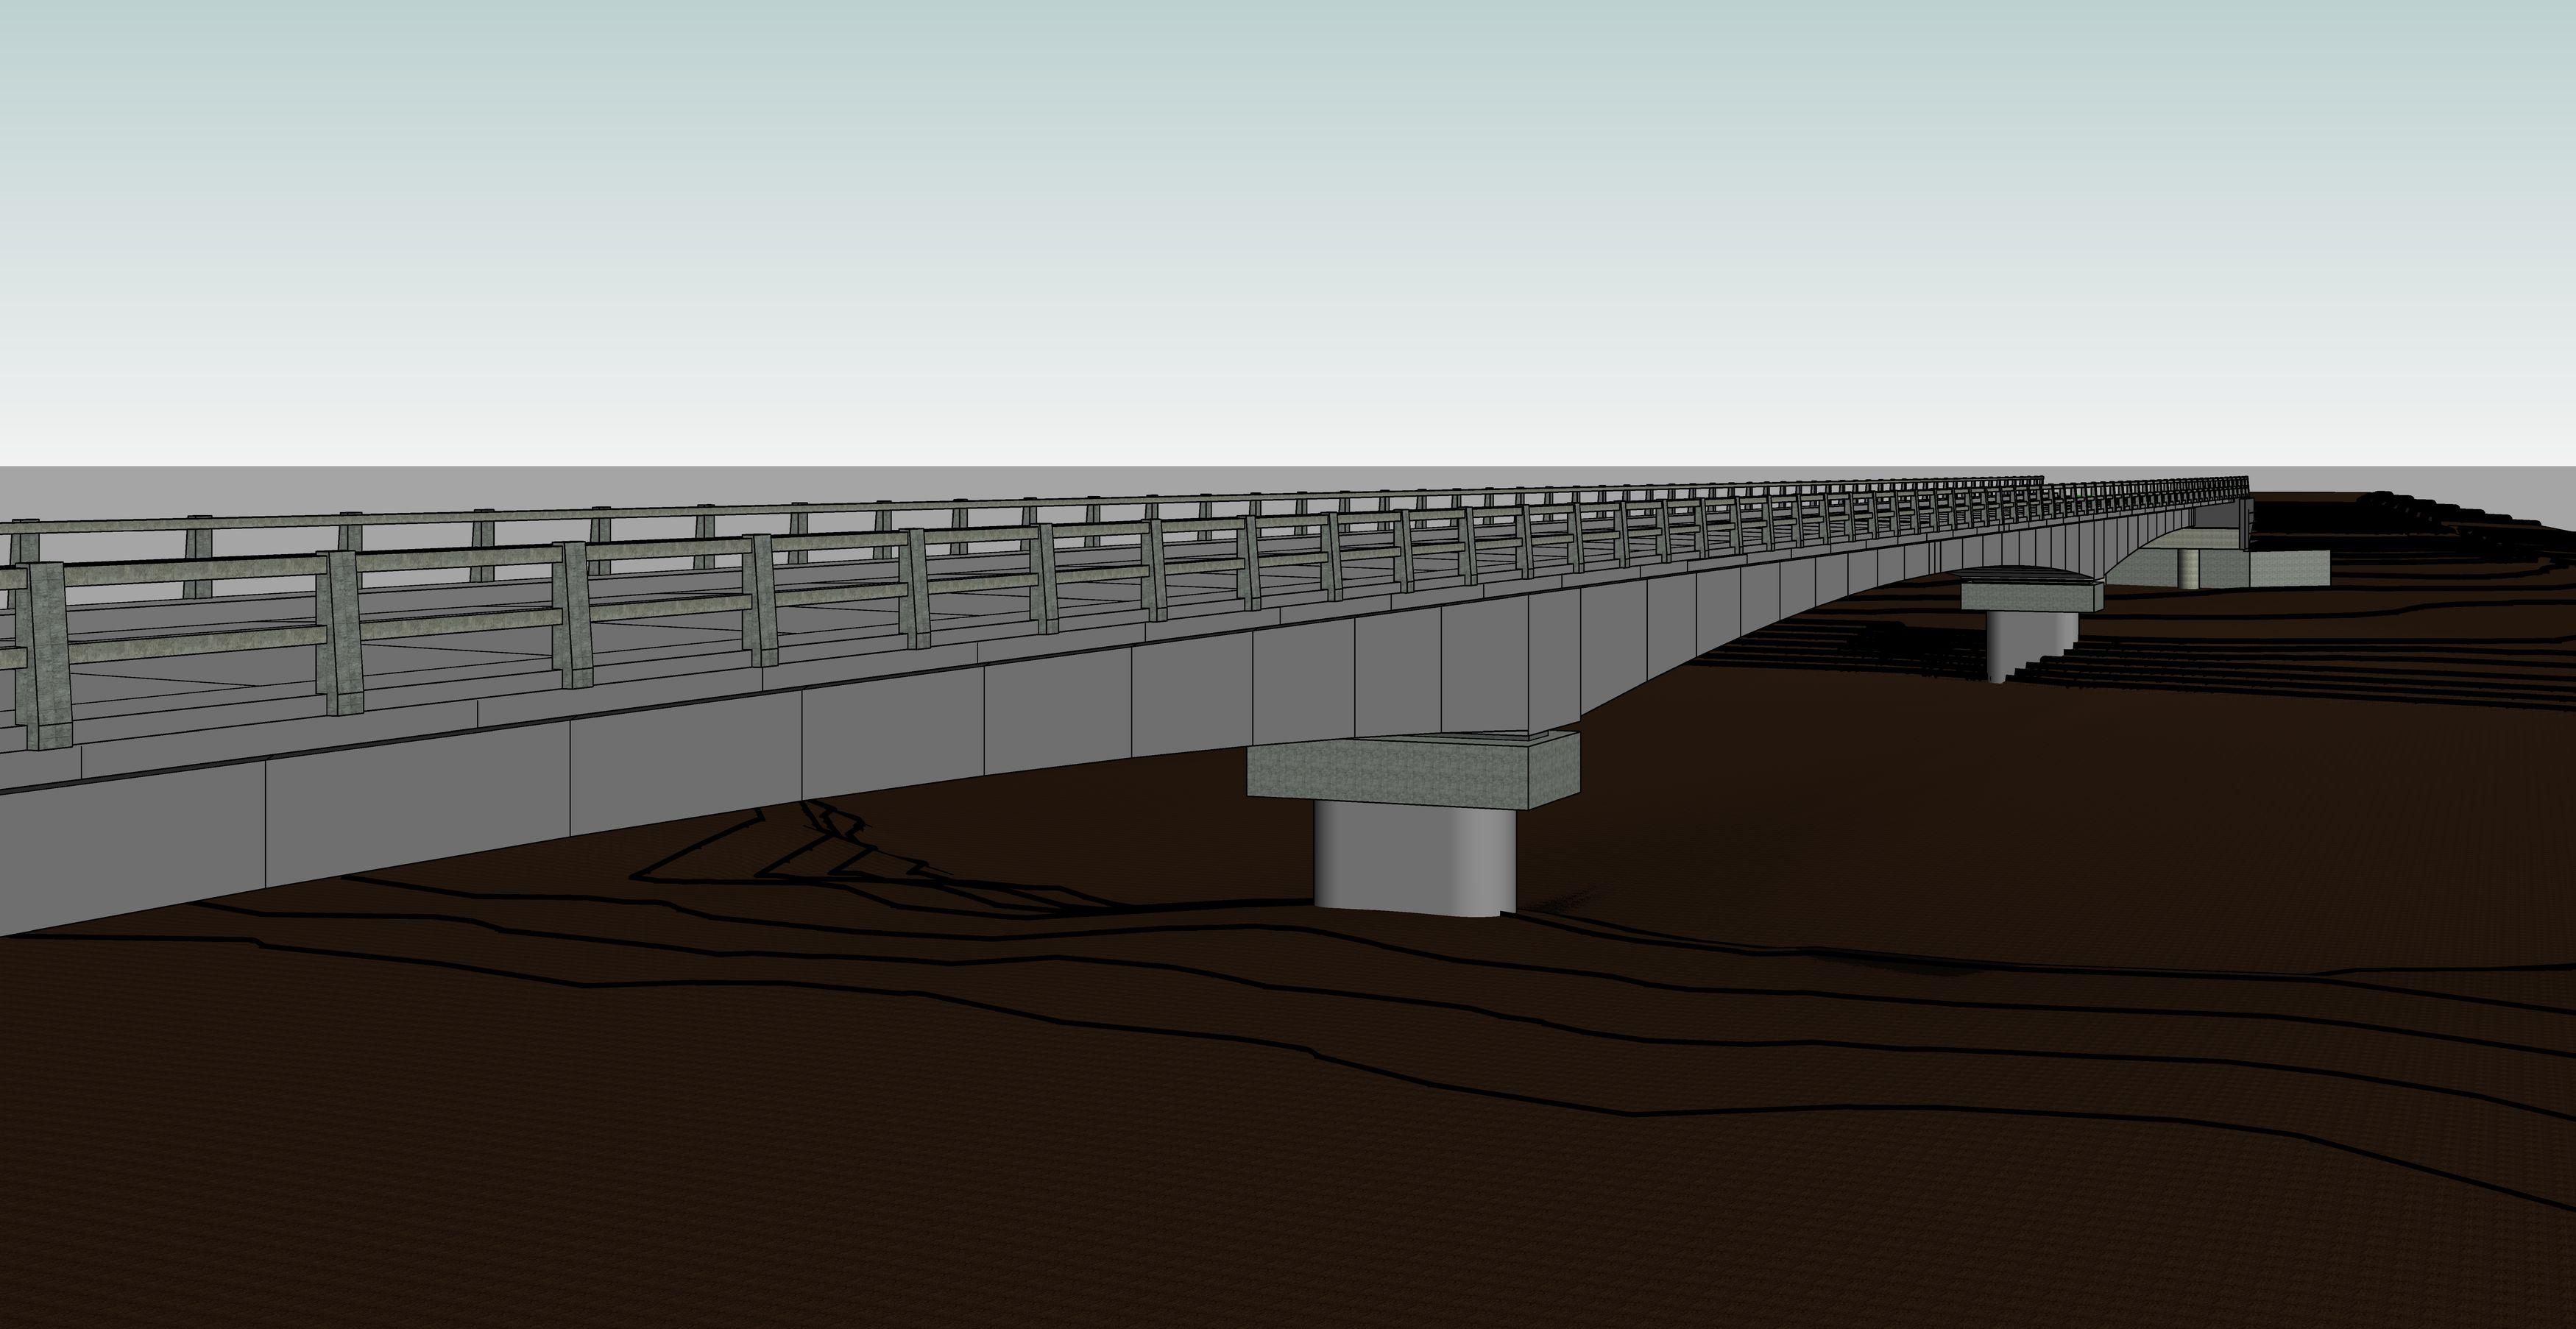 133---modelo-puente-rev26-3500-3500